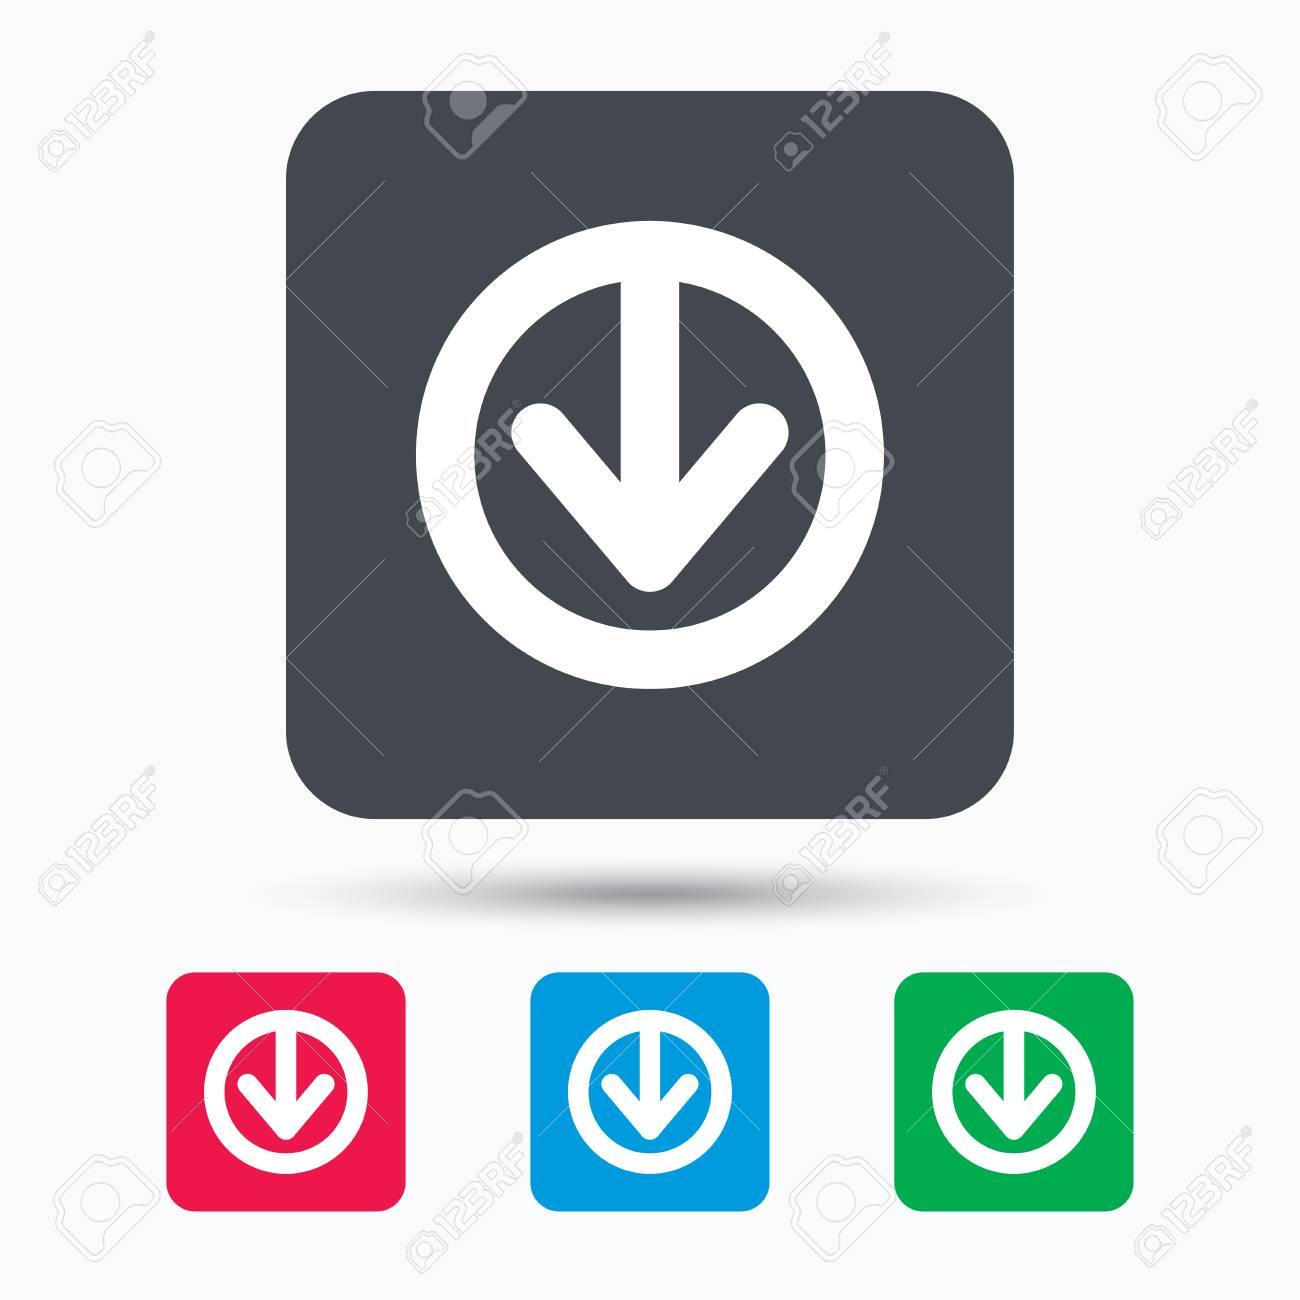 03216c71fcfd3 Descargar icono. Cargue el símbolo de datos de internet. Botones cuadrados  de colores con